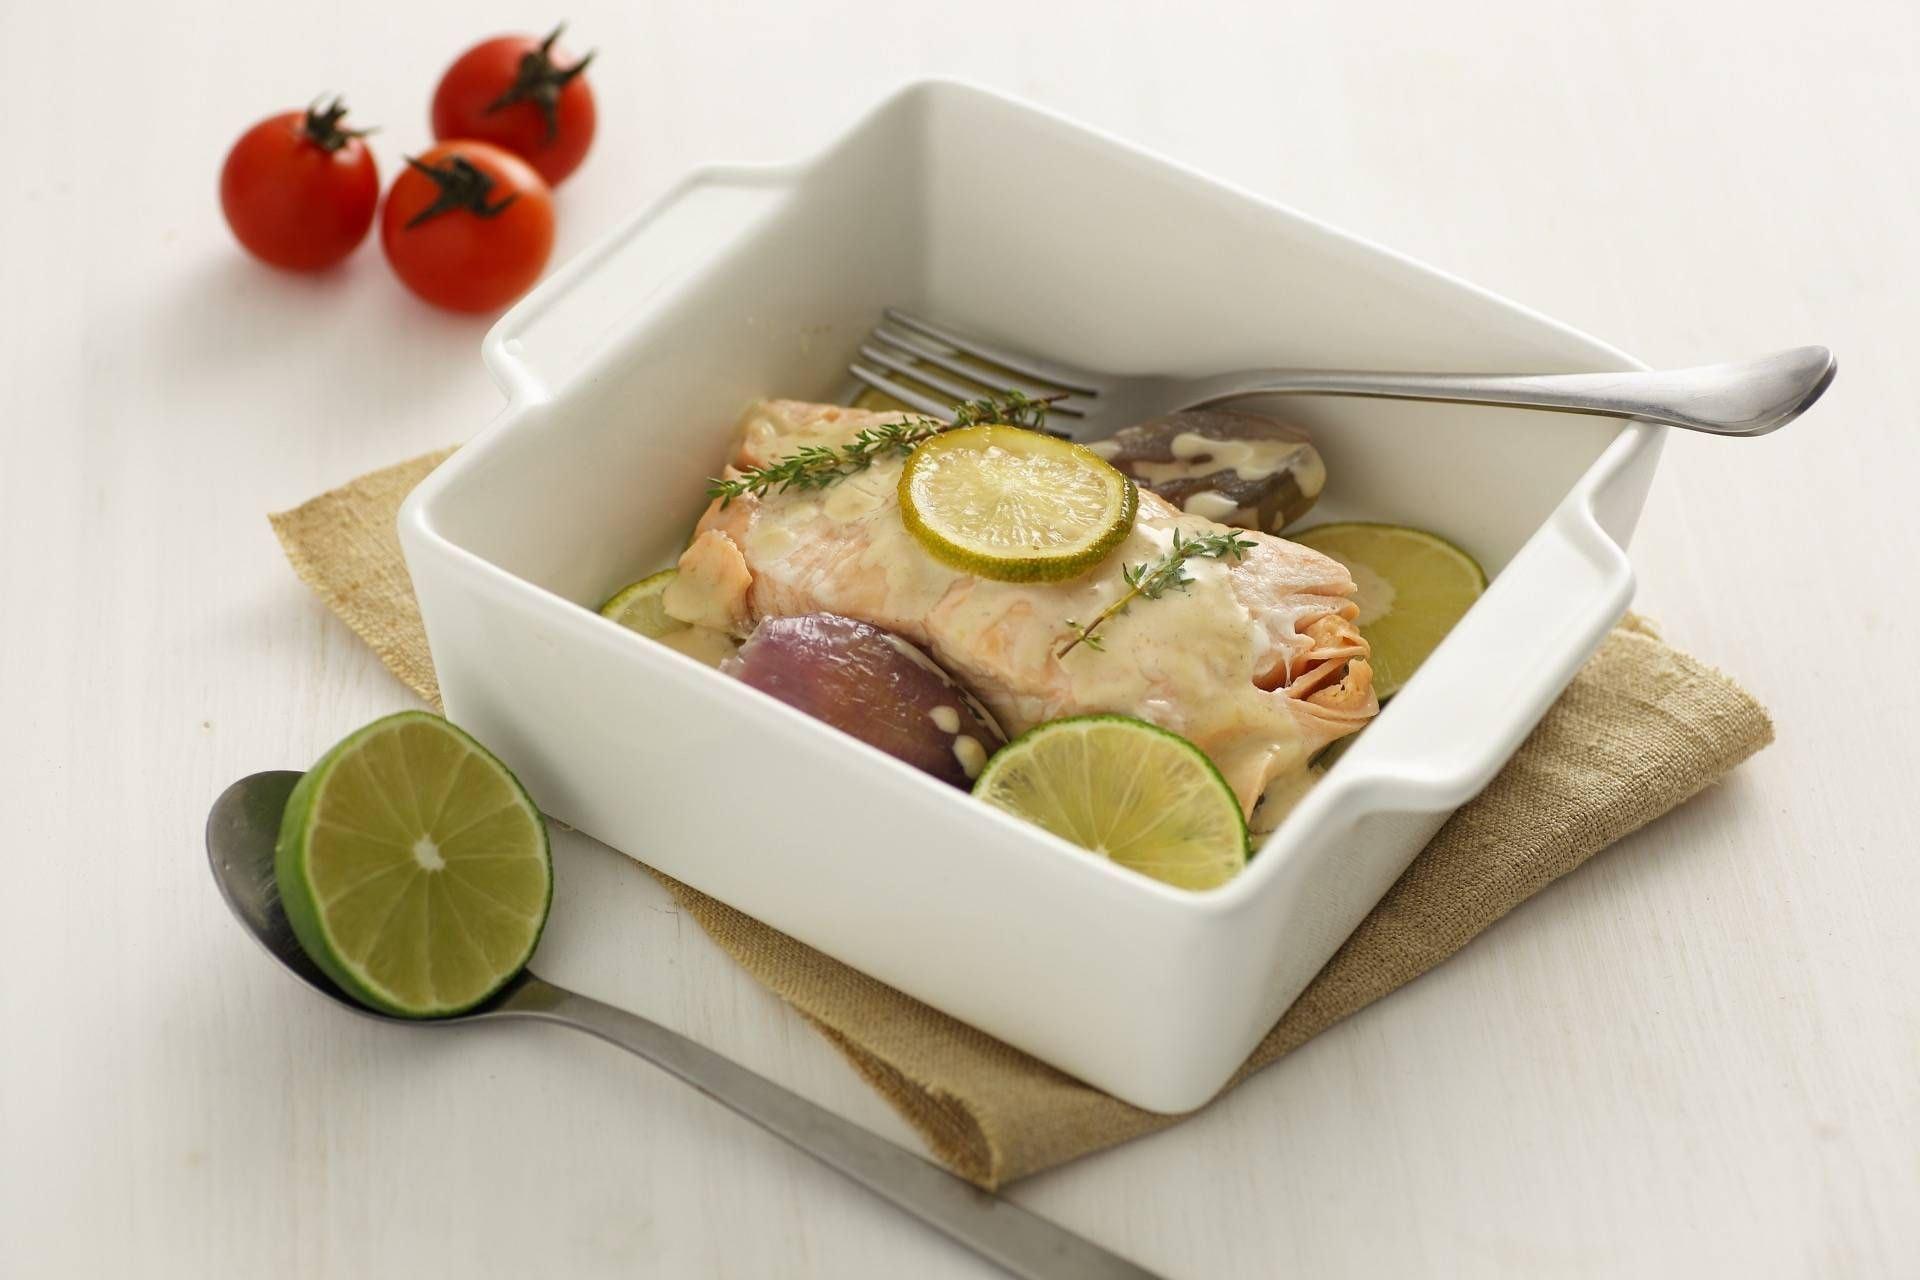 Salmone al forno - Parmalat